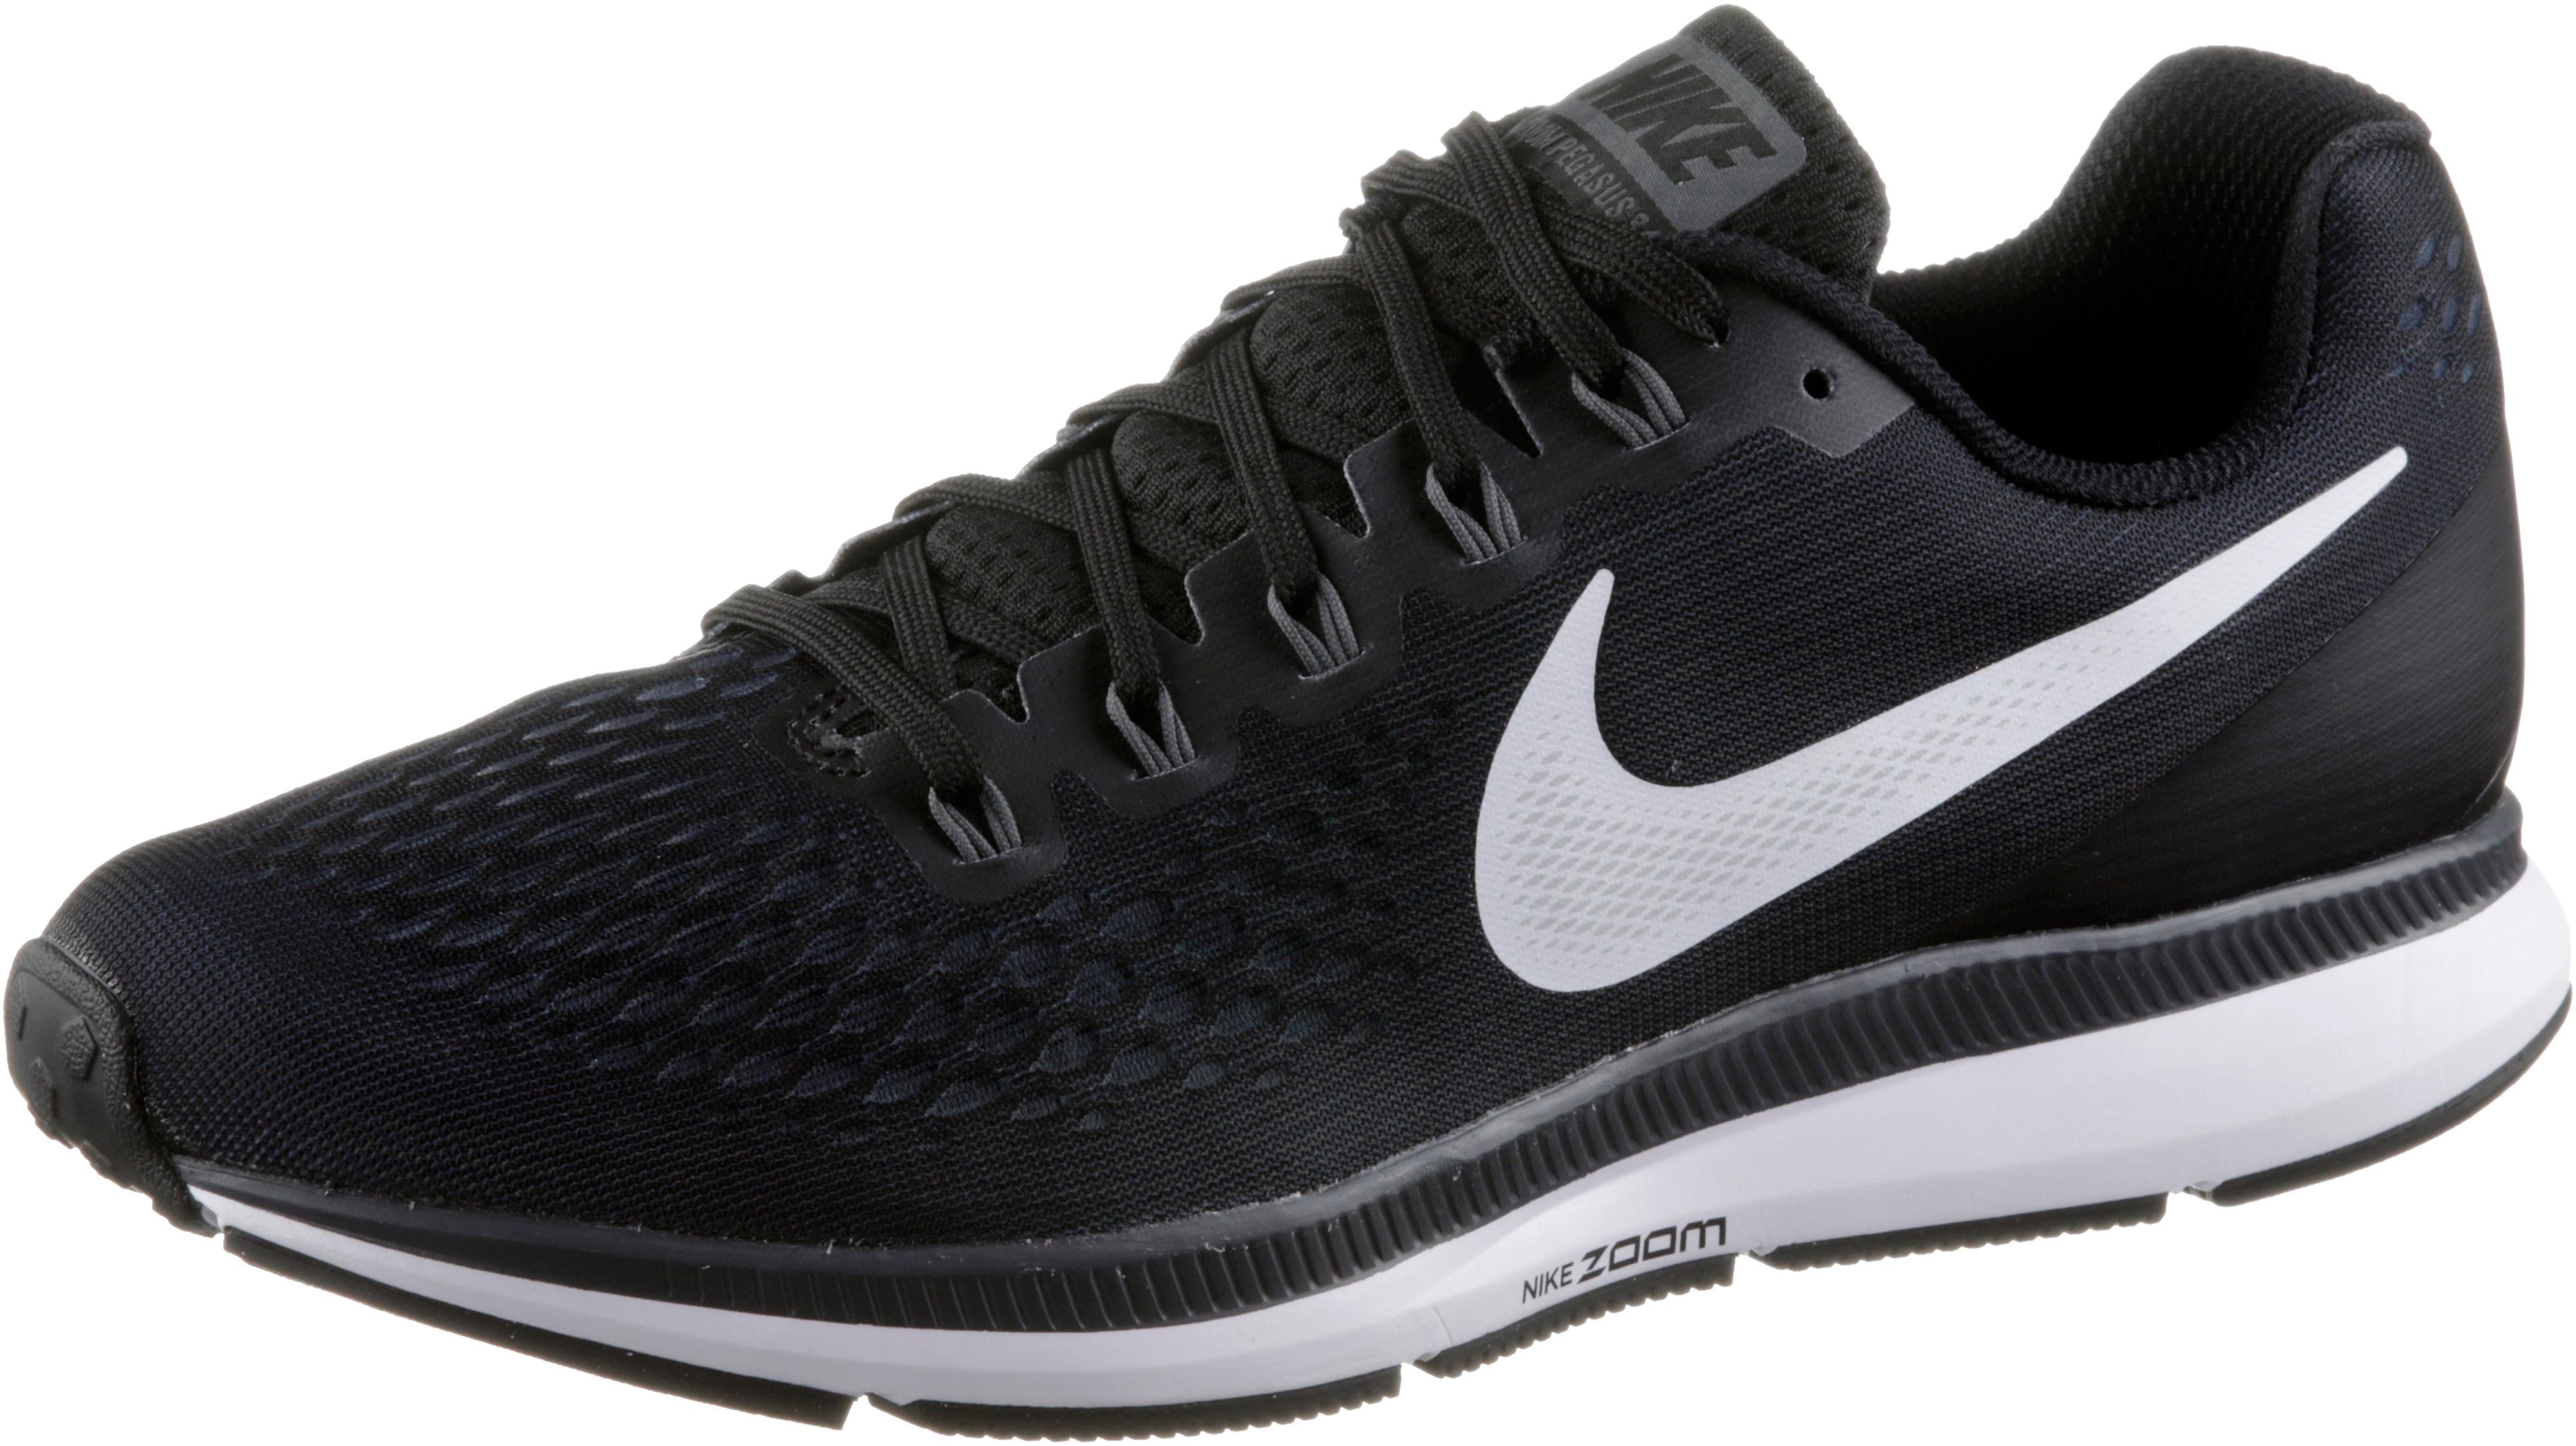 new arrivals c823a 0cae9 Nike AIR ZOOM PEGASUS 34 Laufschuhe Herren blackwhite-dk grey-anthracite  im Online Shop von SportScheck kaufen